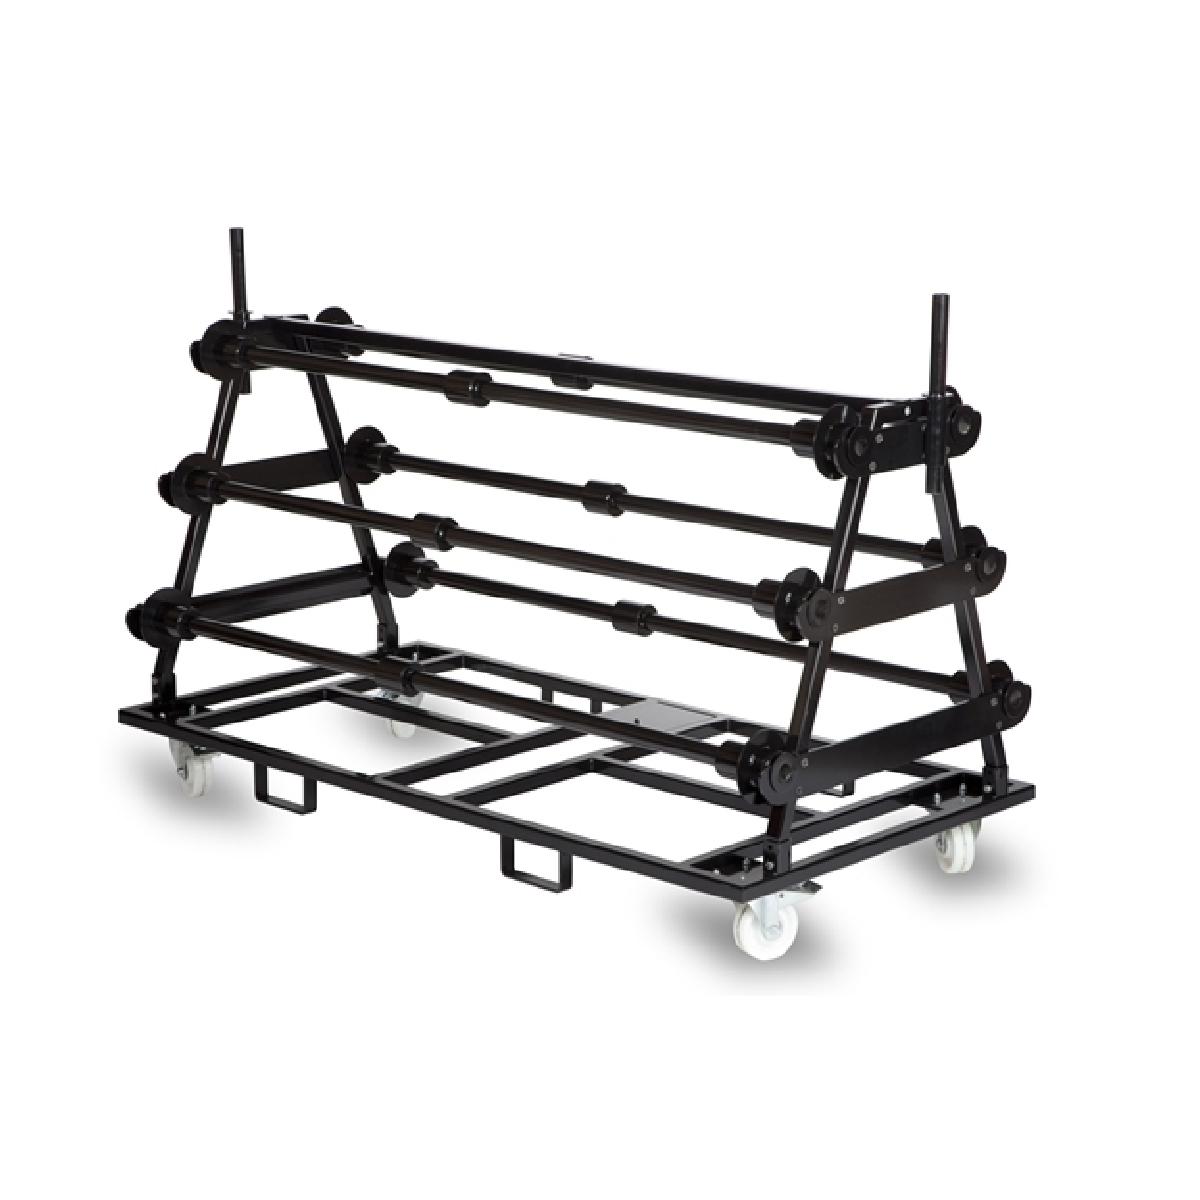 Transportkar voor vinyl dansvloeren - 4 rollen / 1,5m breed